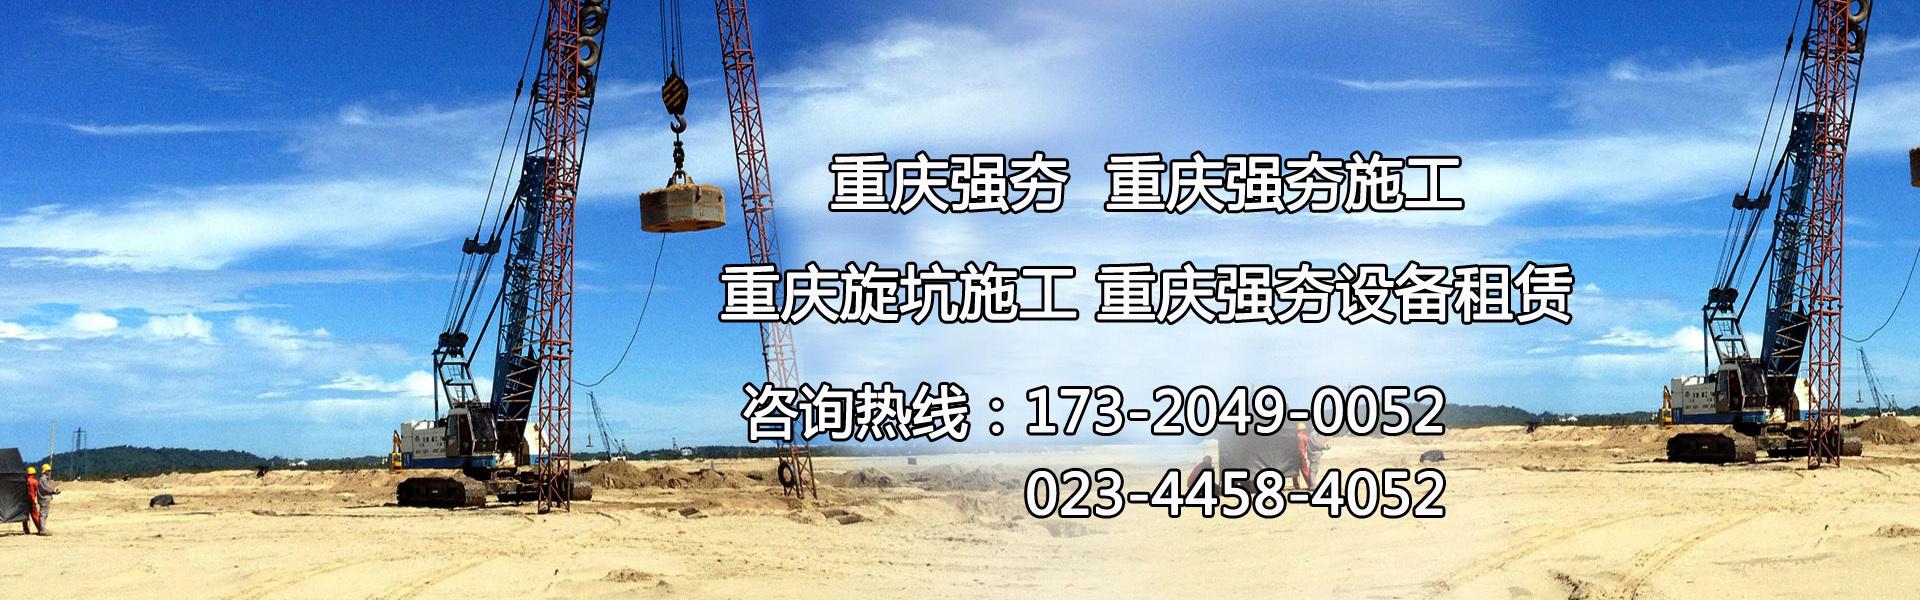 强夯施工、重庆强夯设备租赁、旋坑施工。咨询热线:173-2049-0052